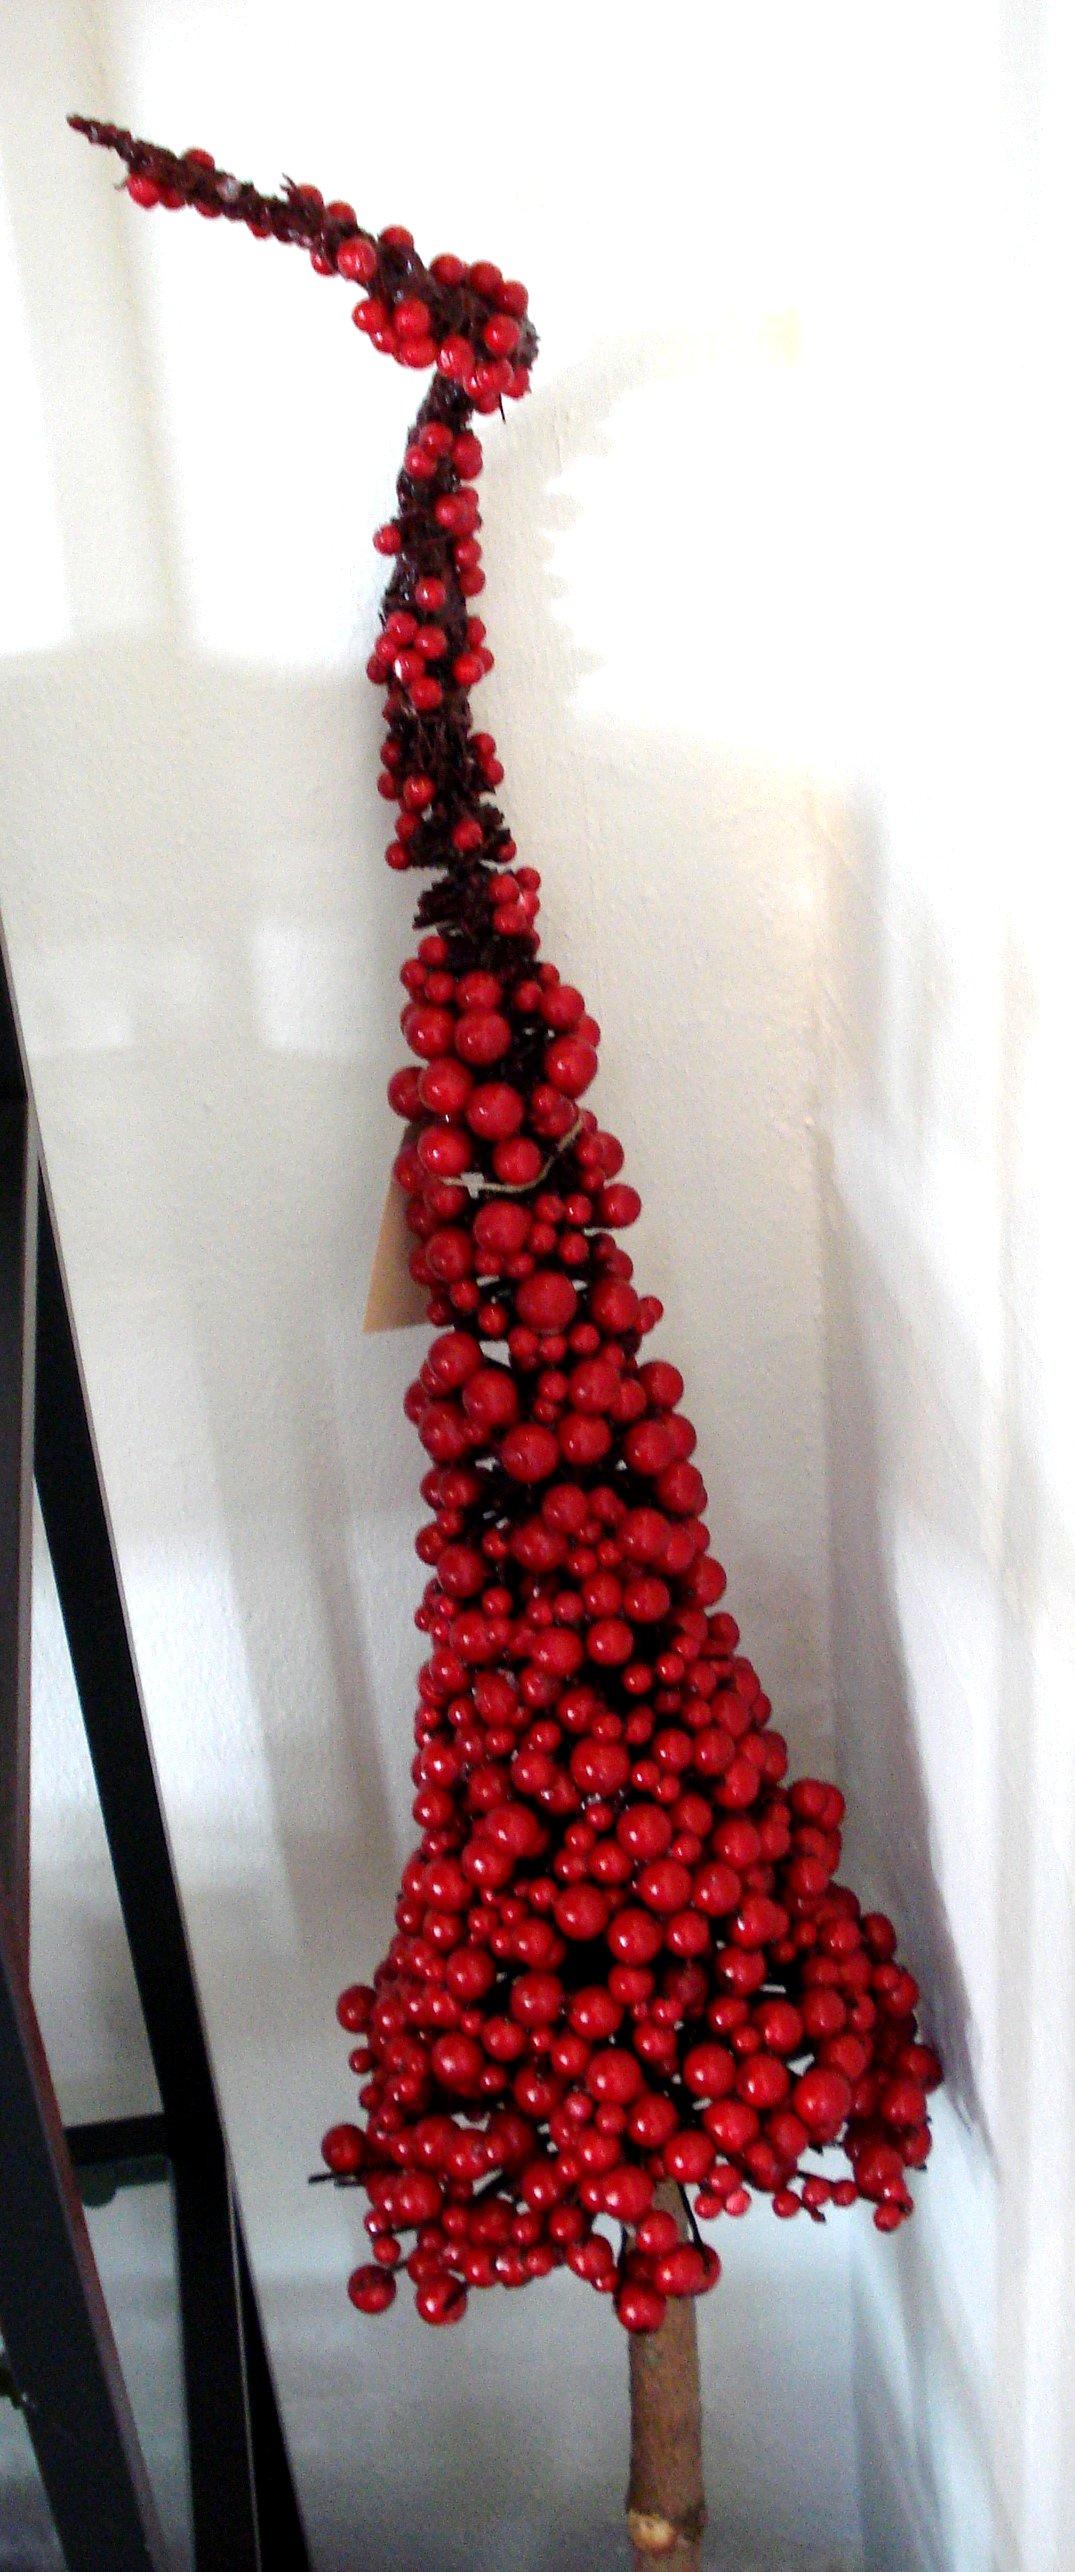 Juletræ med deko bær